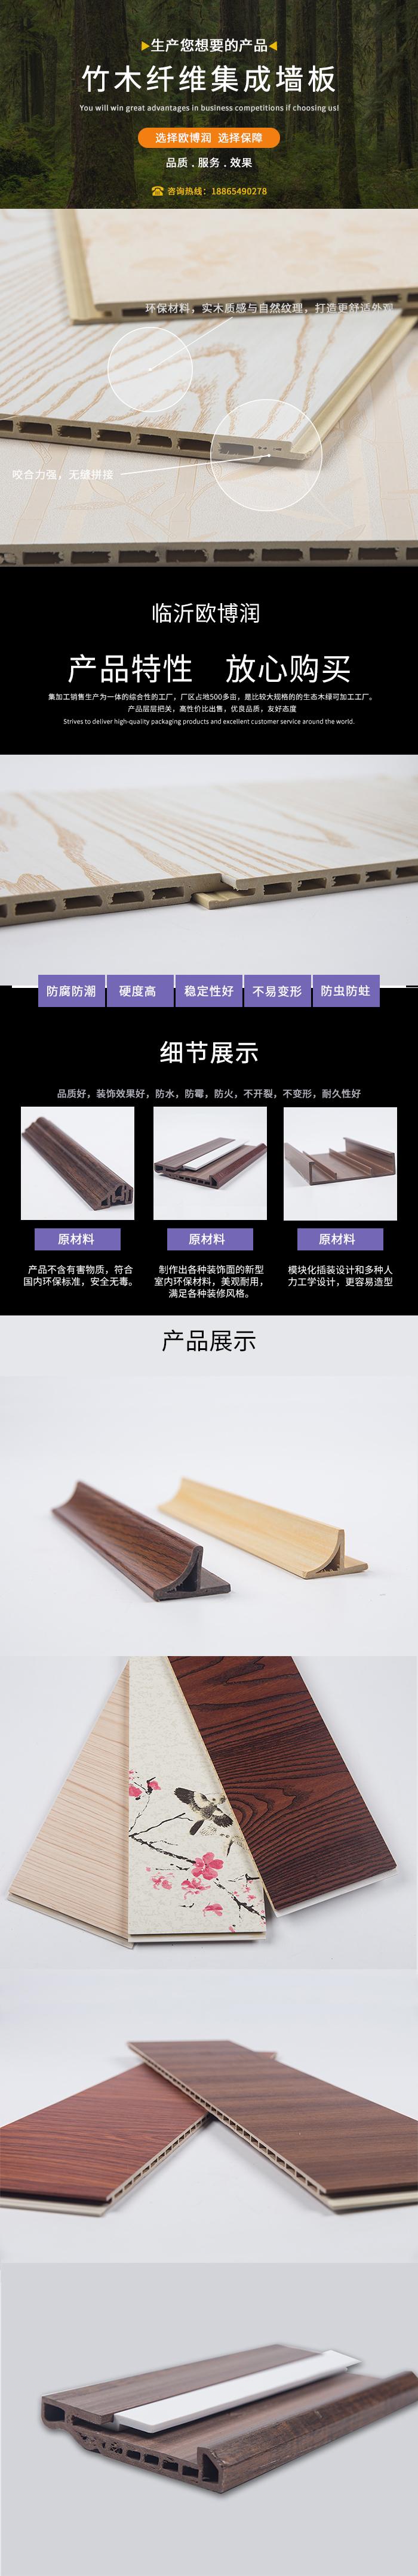 集成墙板竹木纤维